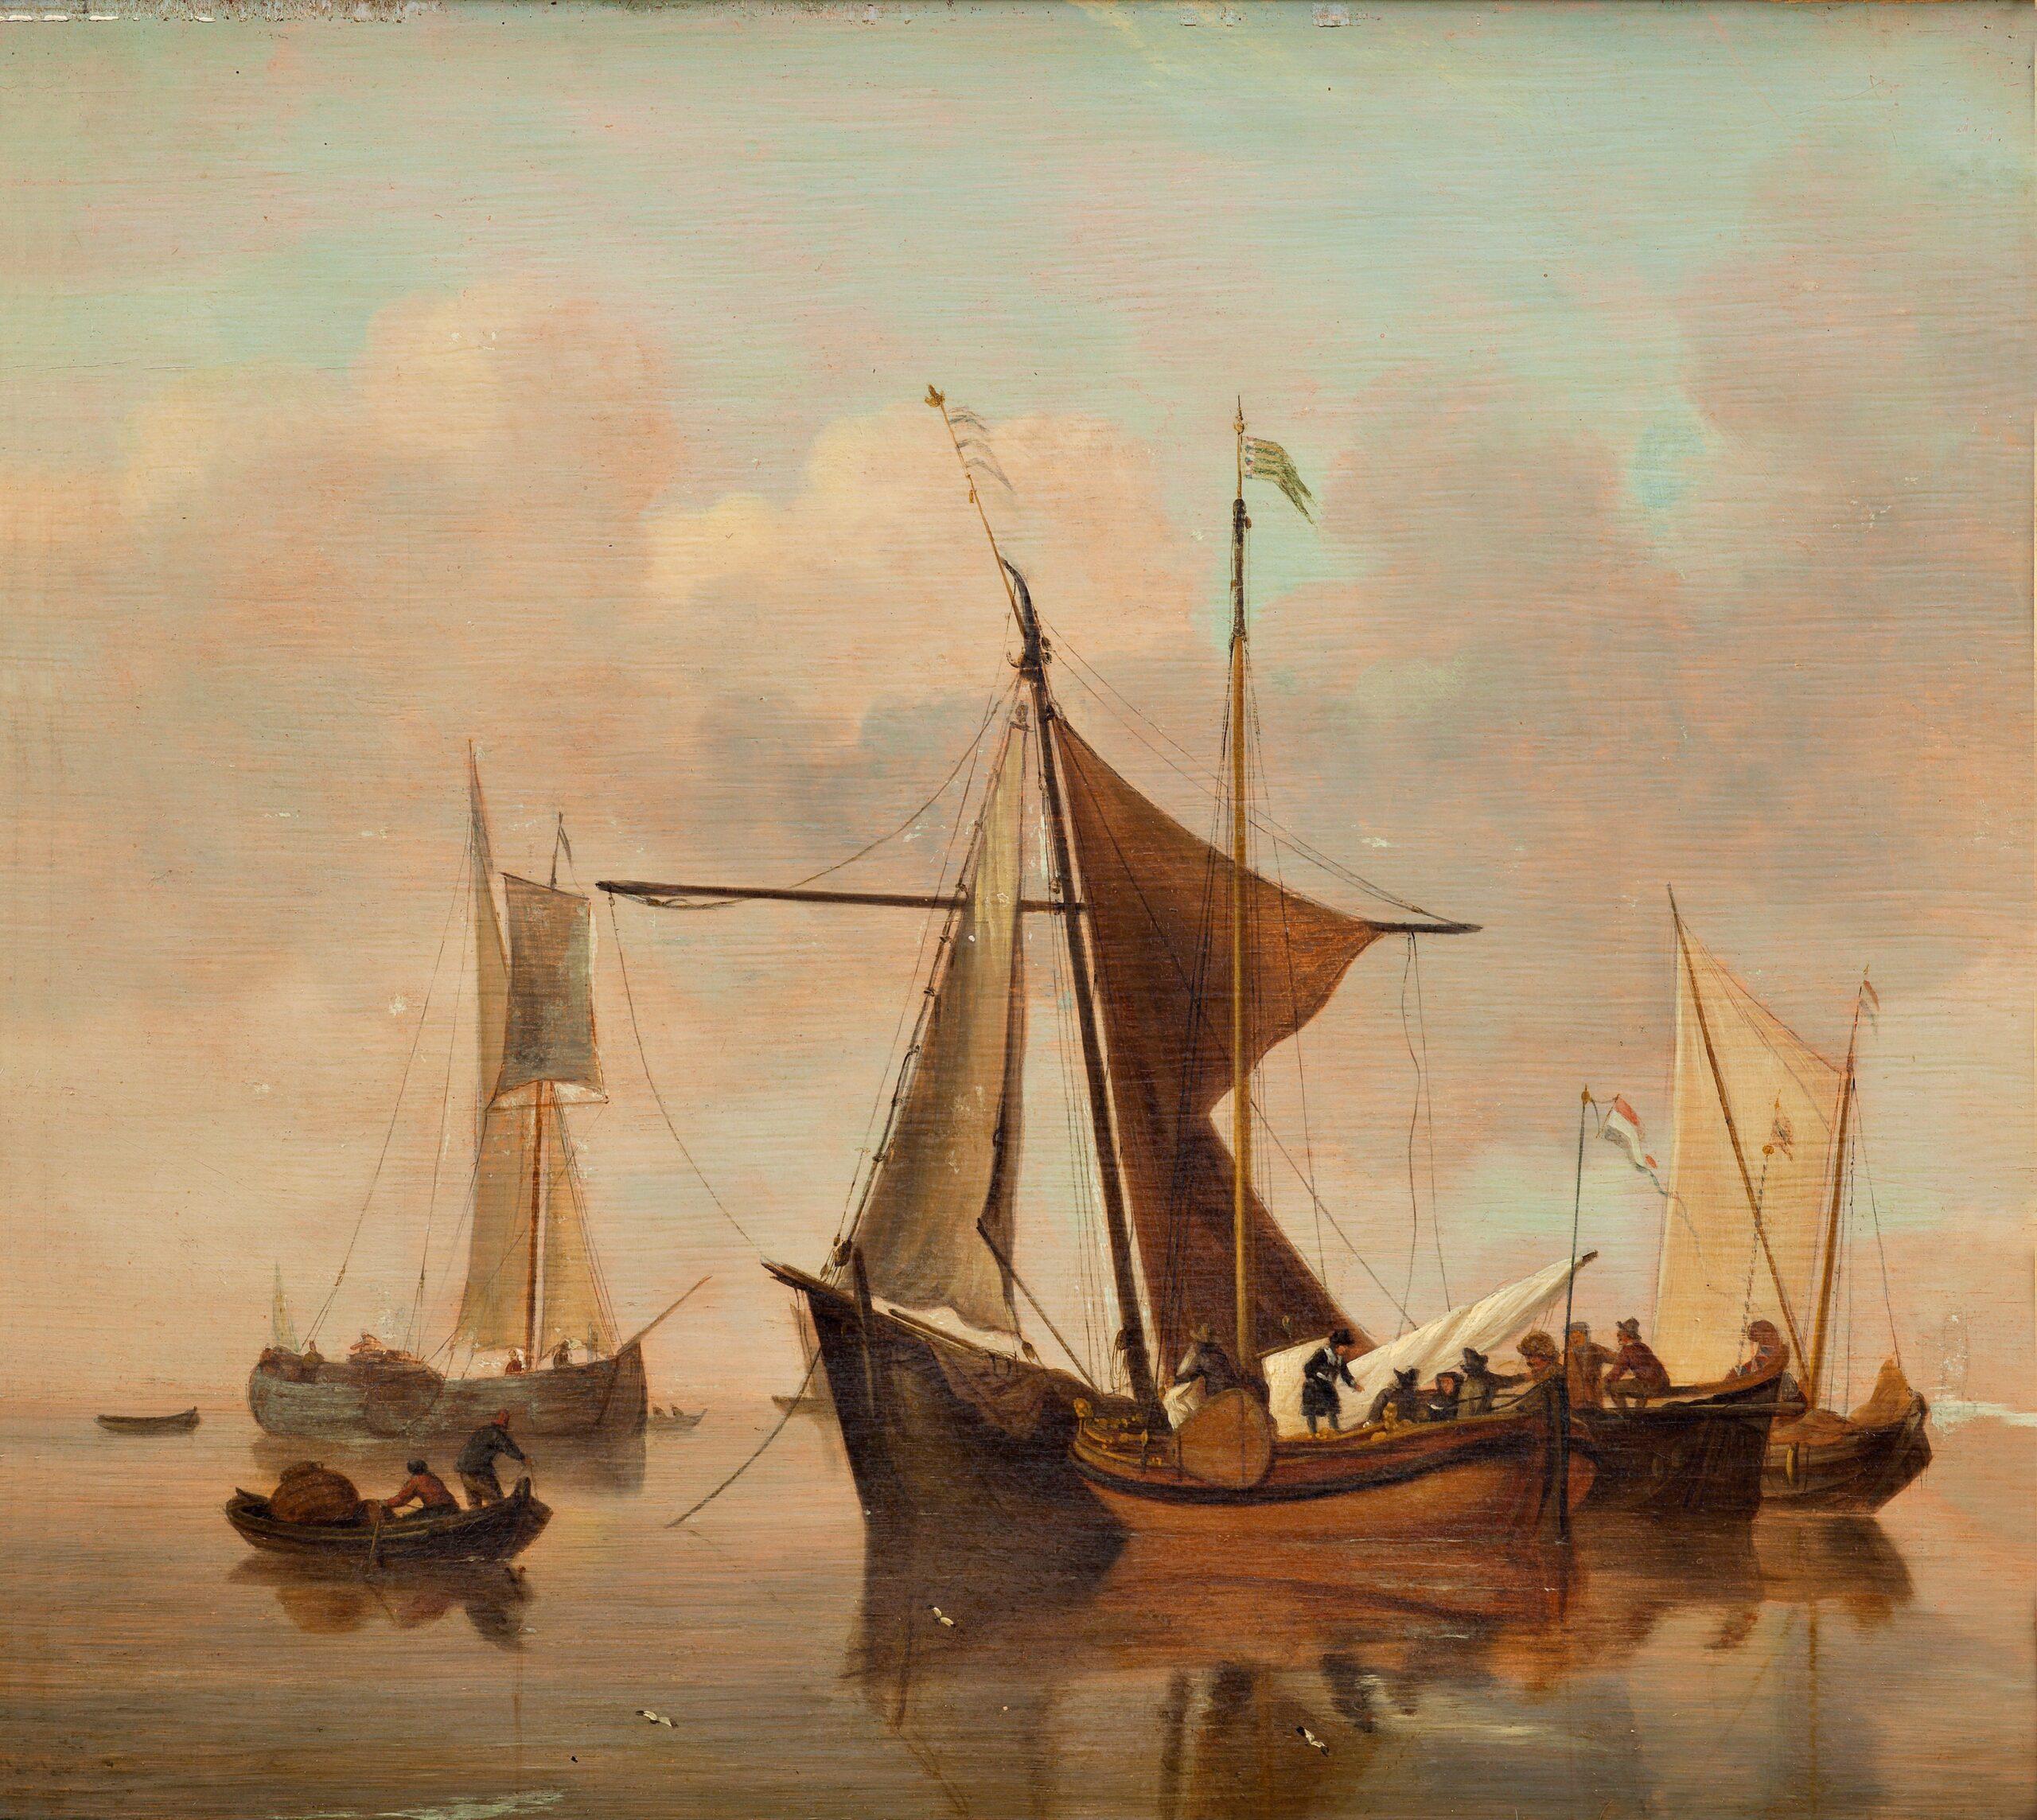 Maleri af Willem van de Velde d.Y, Stille sø, u.å. Nivaagaards Malerisamling